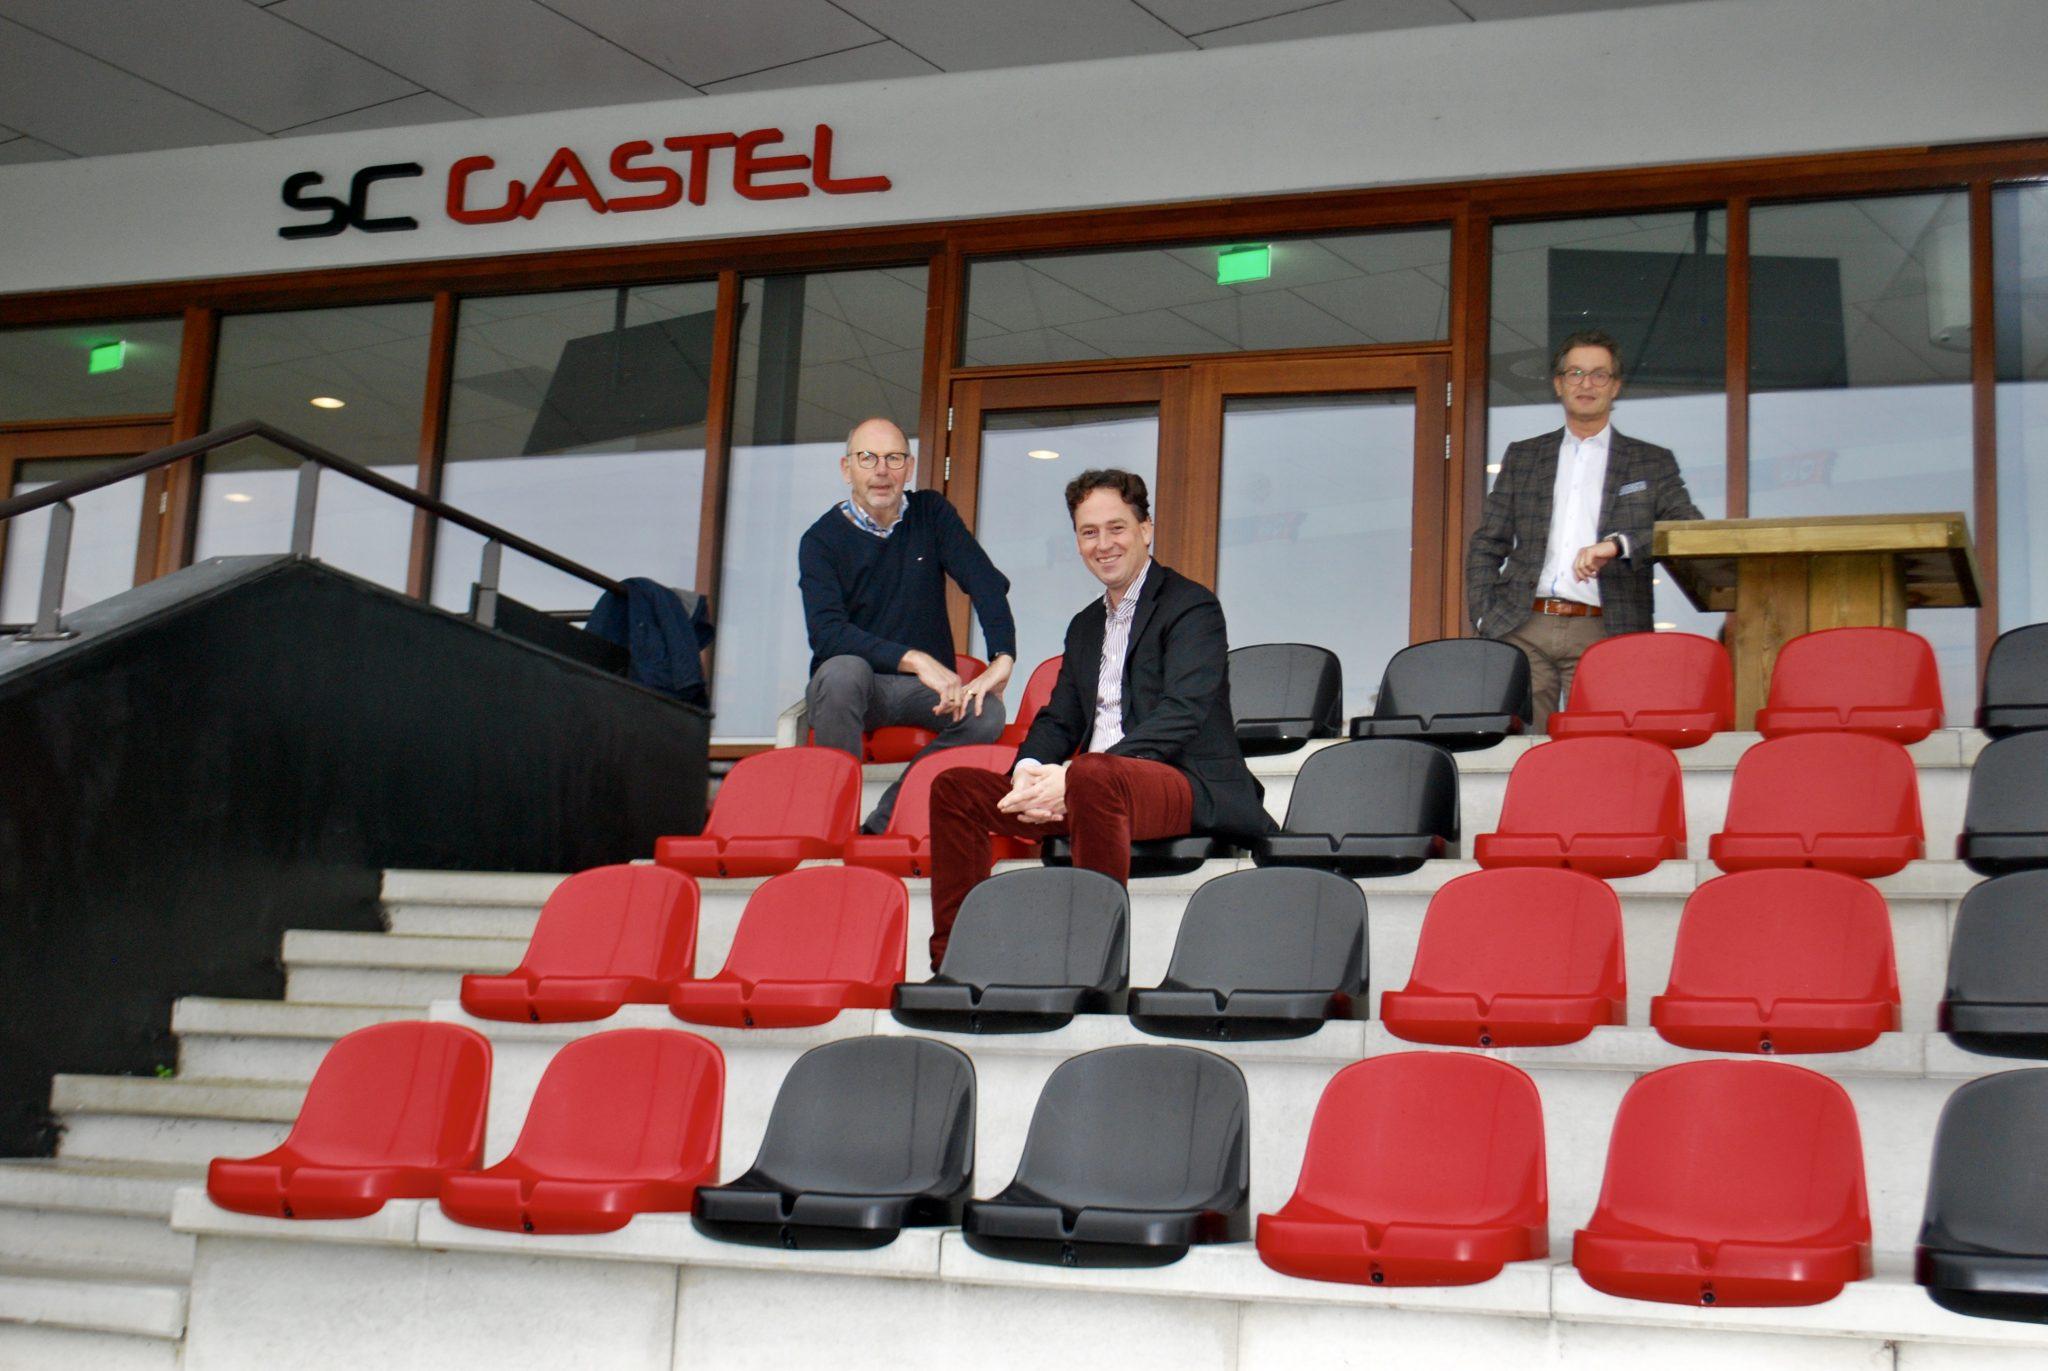 Burgemeester Bernd Roks en wethouder Hans Wierikx brengen bezoek aan SC Gastel.